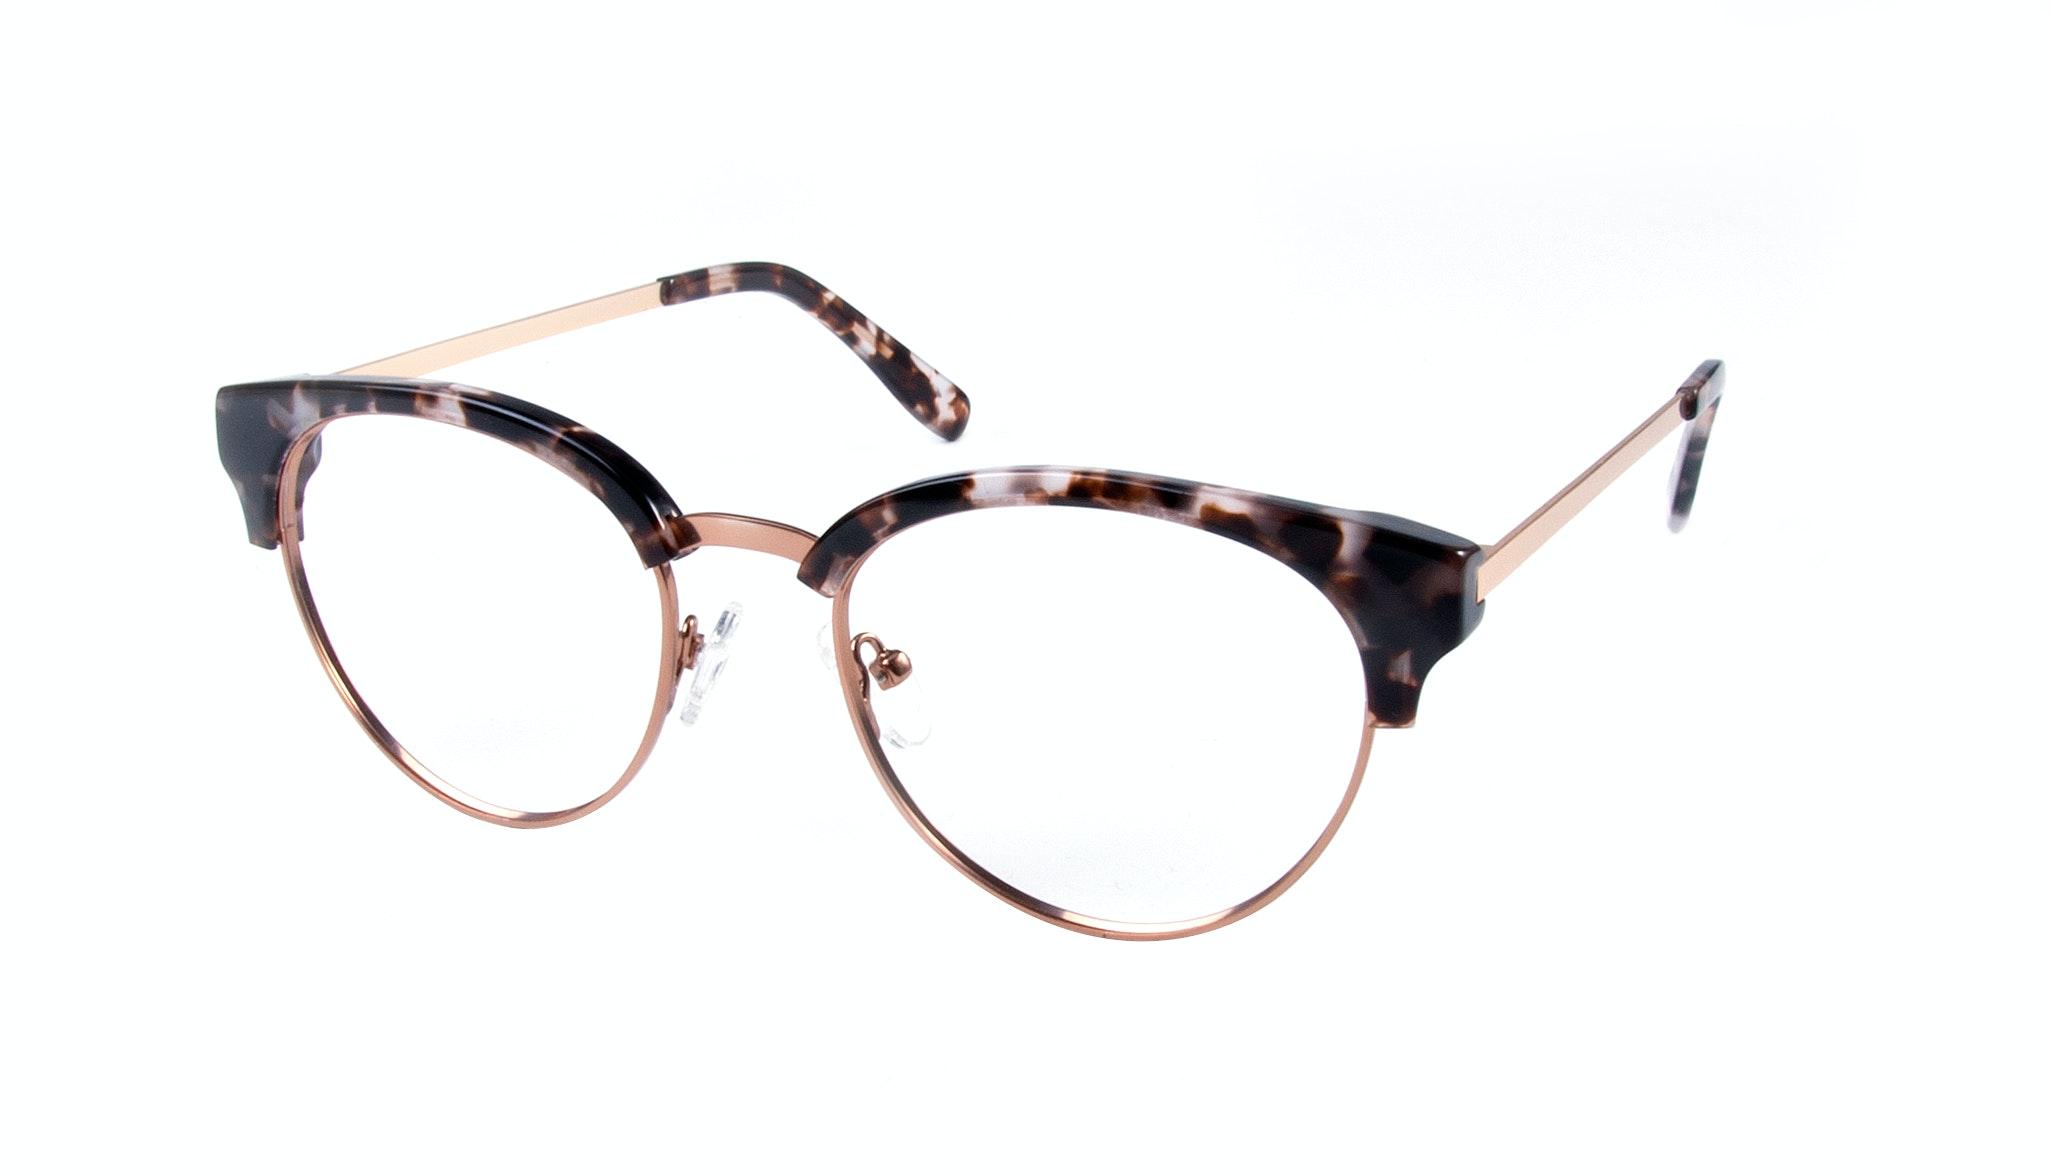 Affordable Fashion Glasses Round Eyeglasses Women Allure Mocha Tortoise Tilt